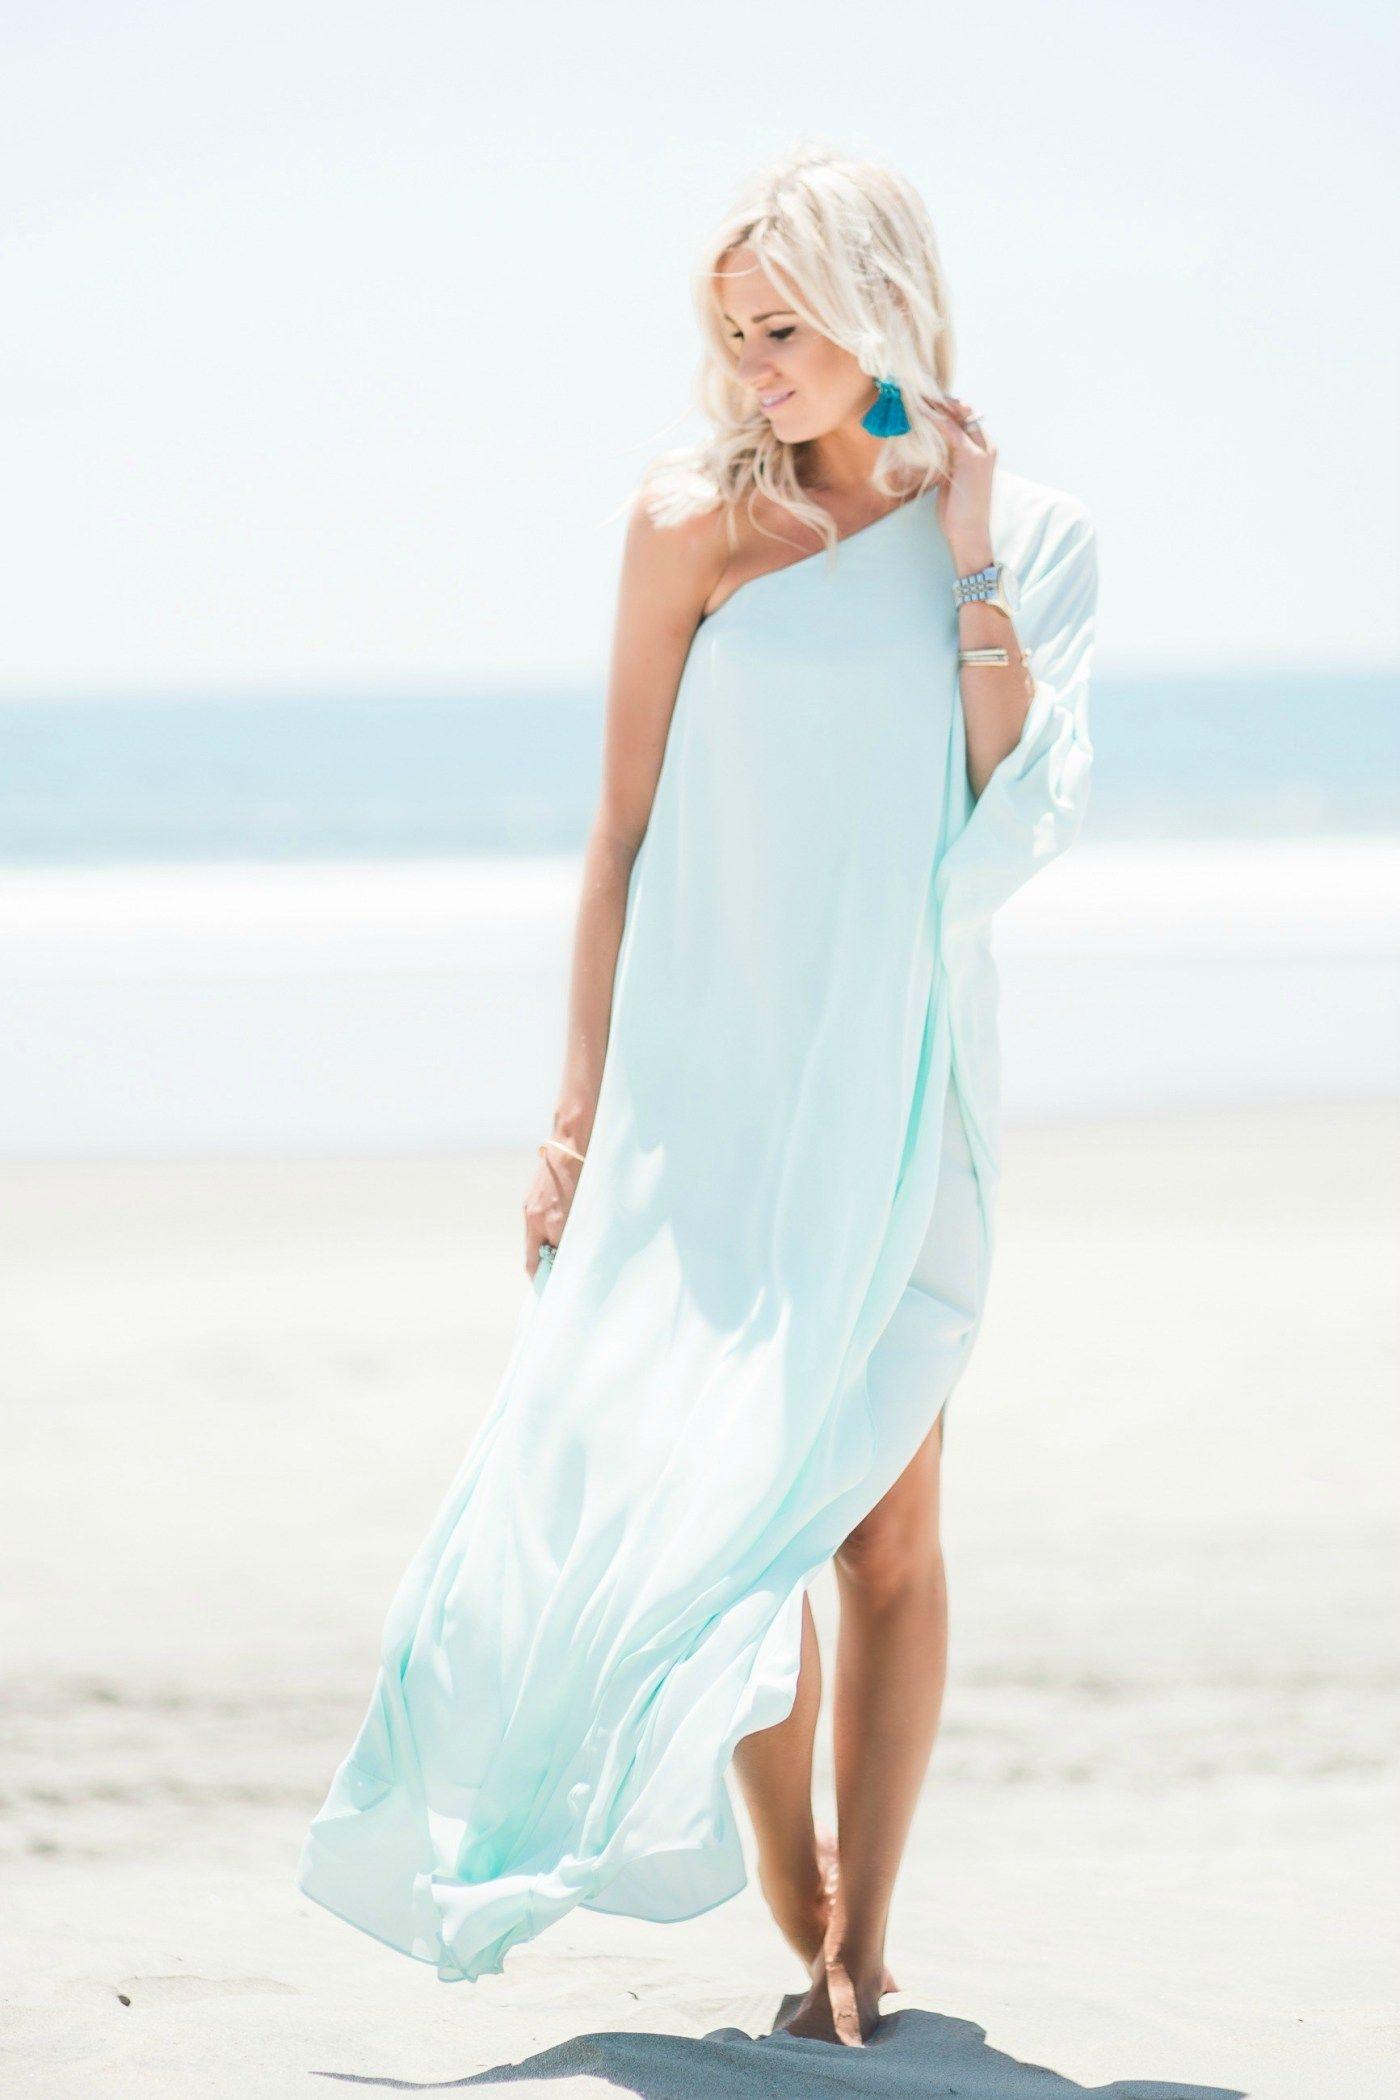 Img 0541 Beach Wedding Guest Dress Wedding Attire Guest Beach Wedding Outfit [ 2100 x 1400 Pixel ]